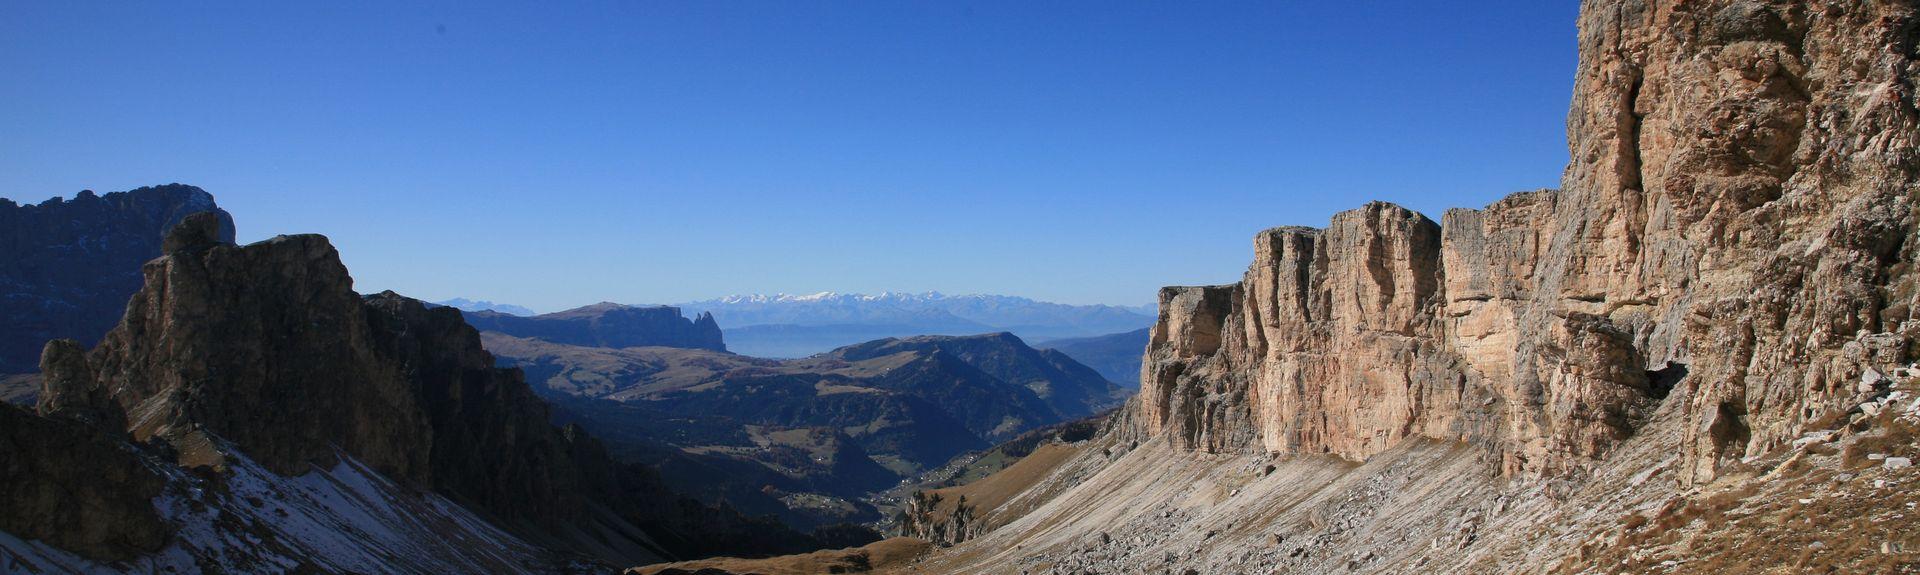 Brez, Trentino-Alto Adige, Italia